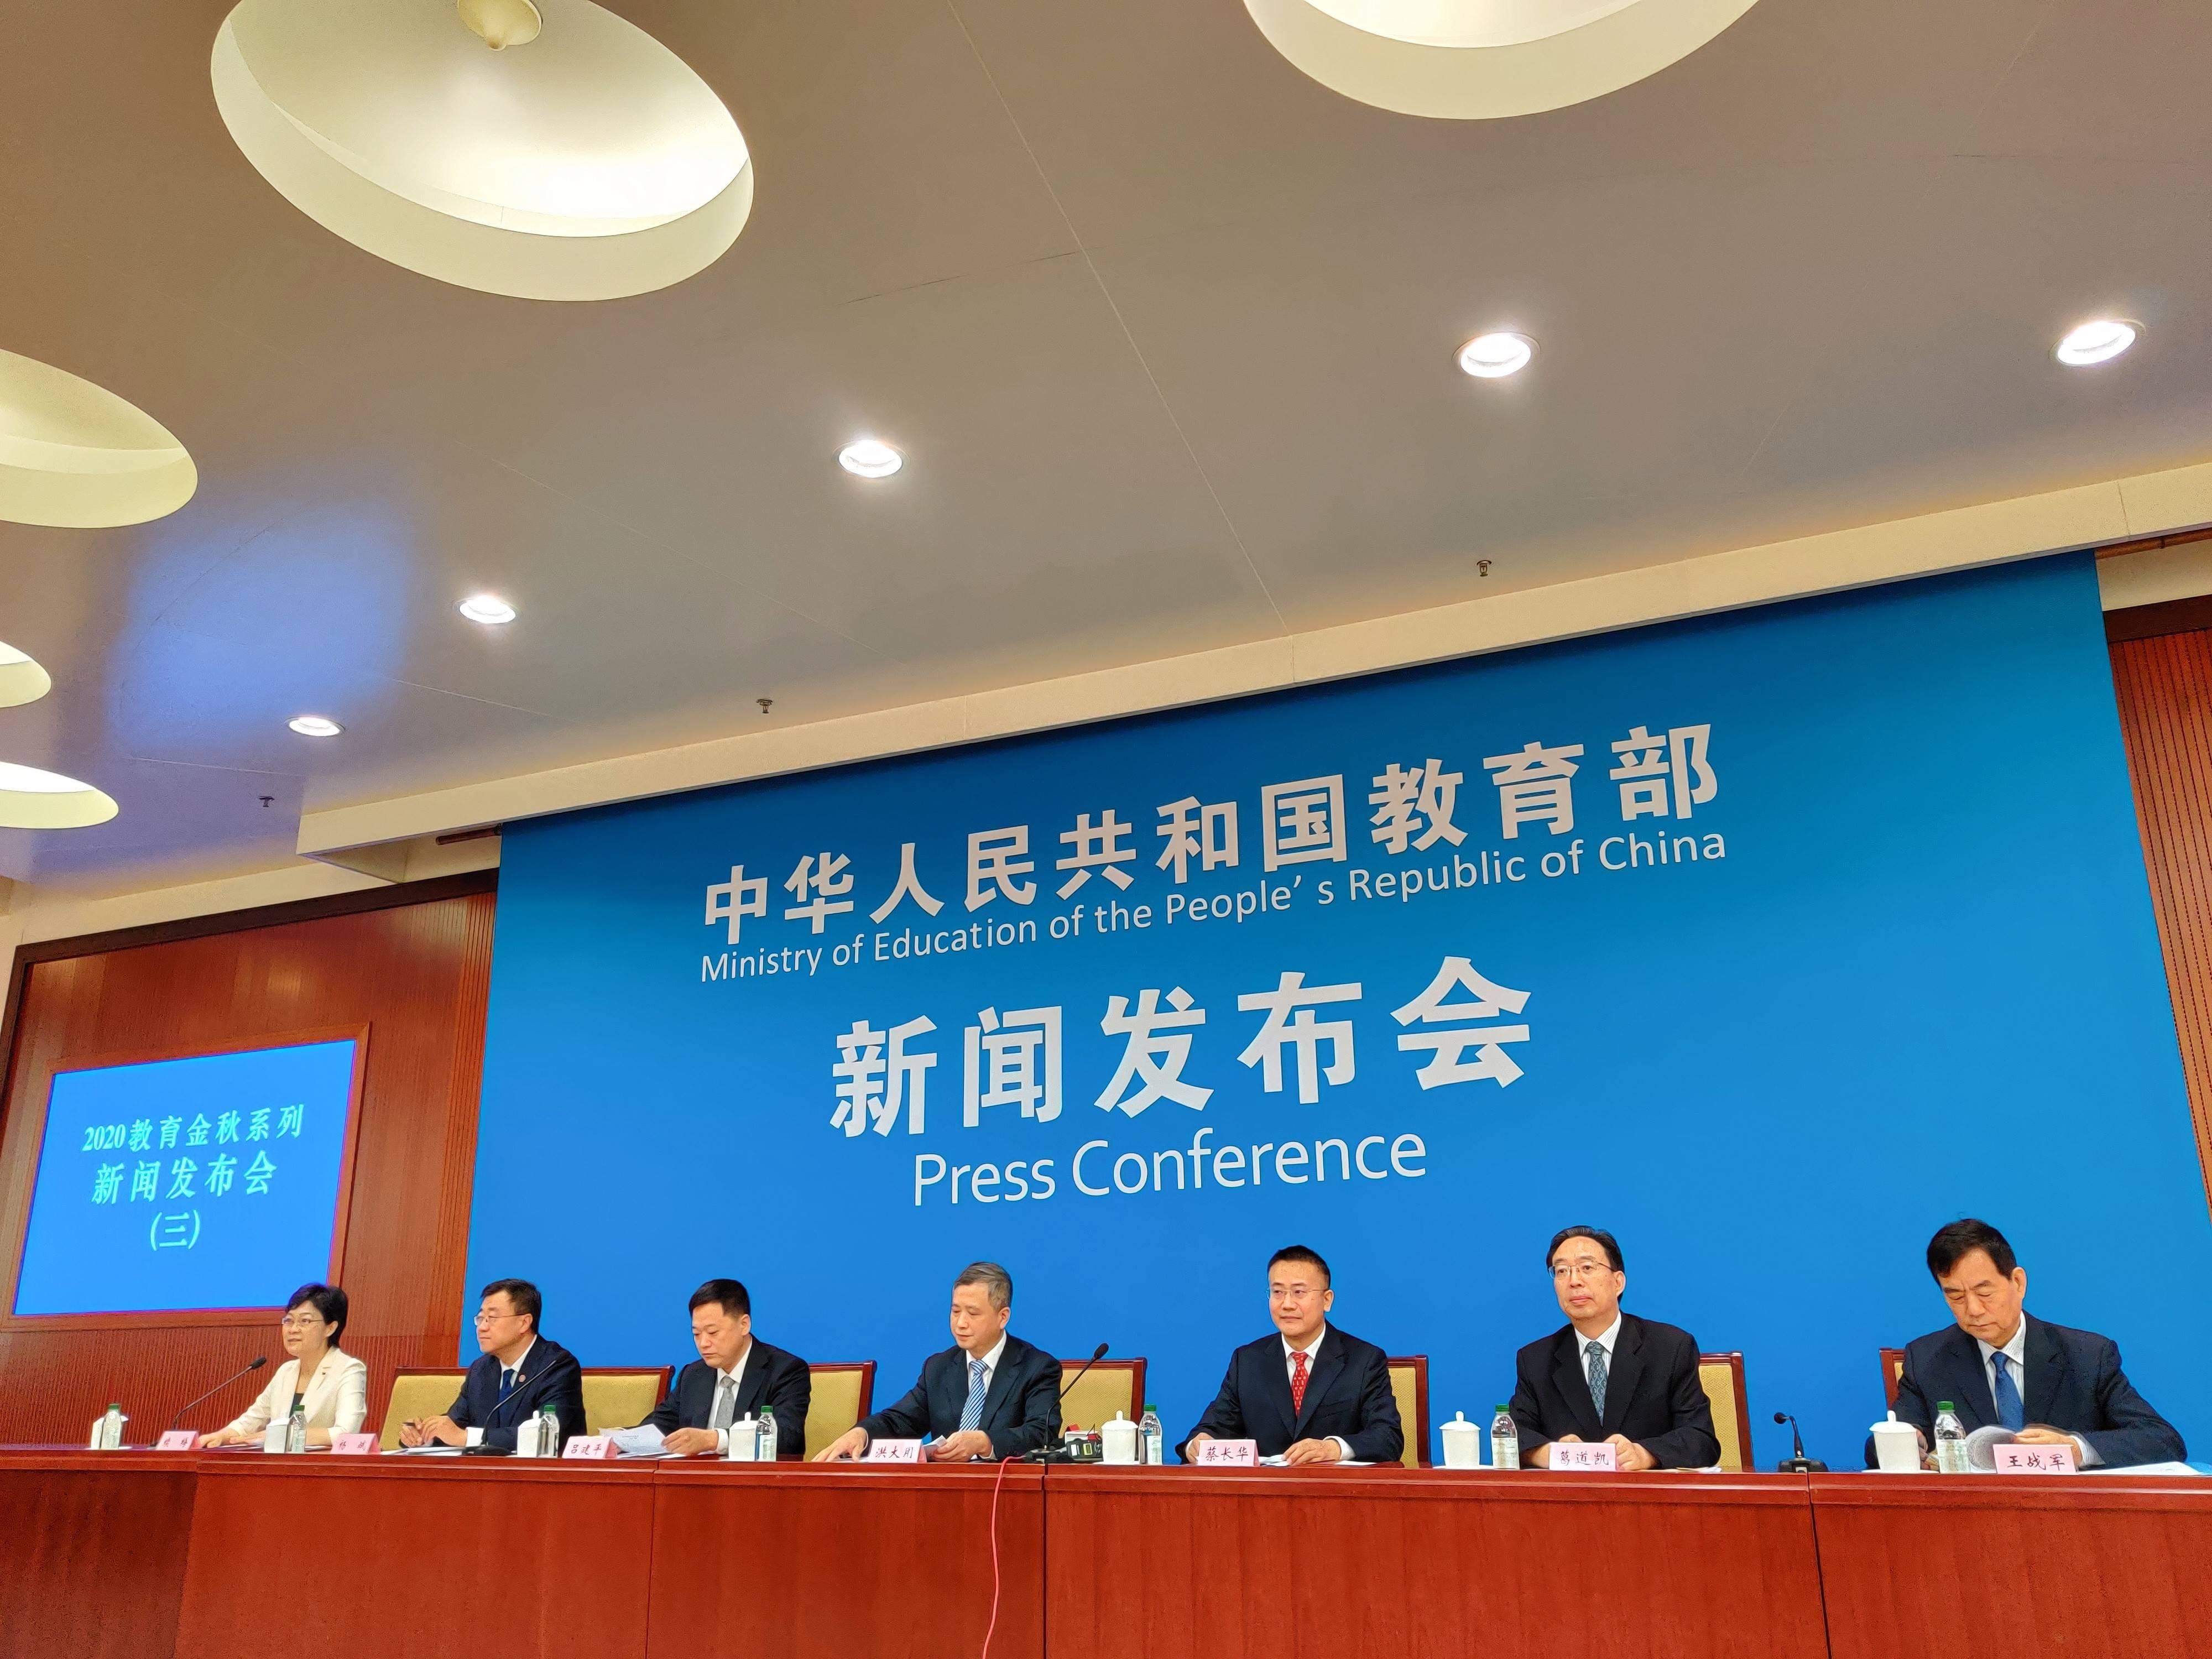 中国拟通过十大专项行动加快高层次人才培养